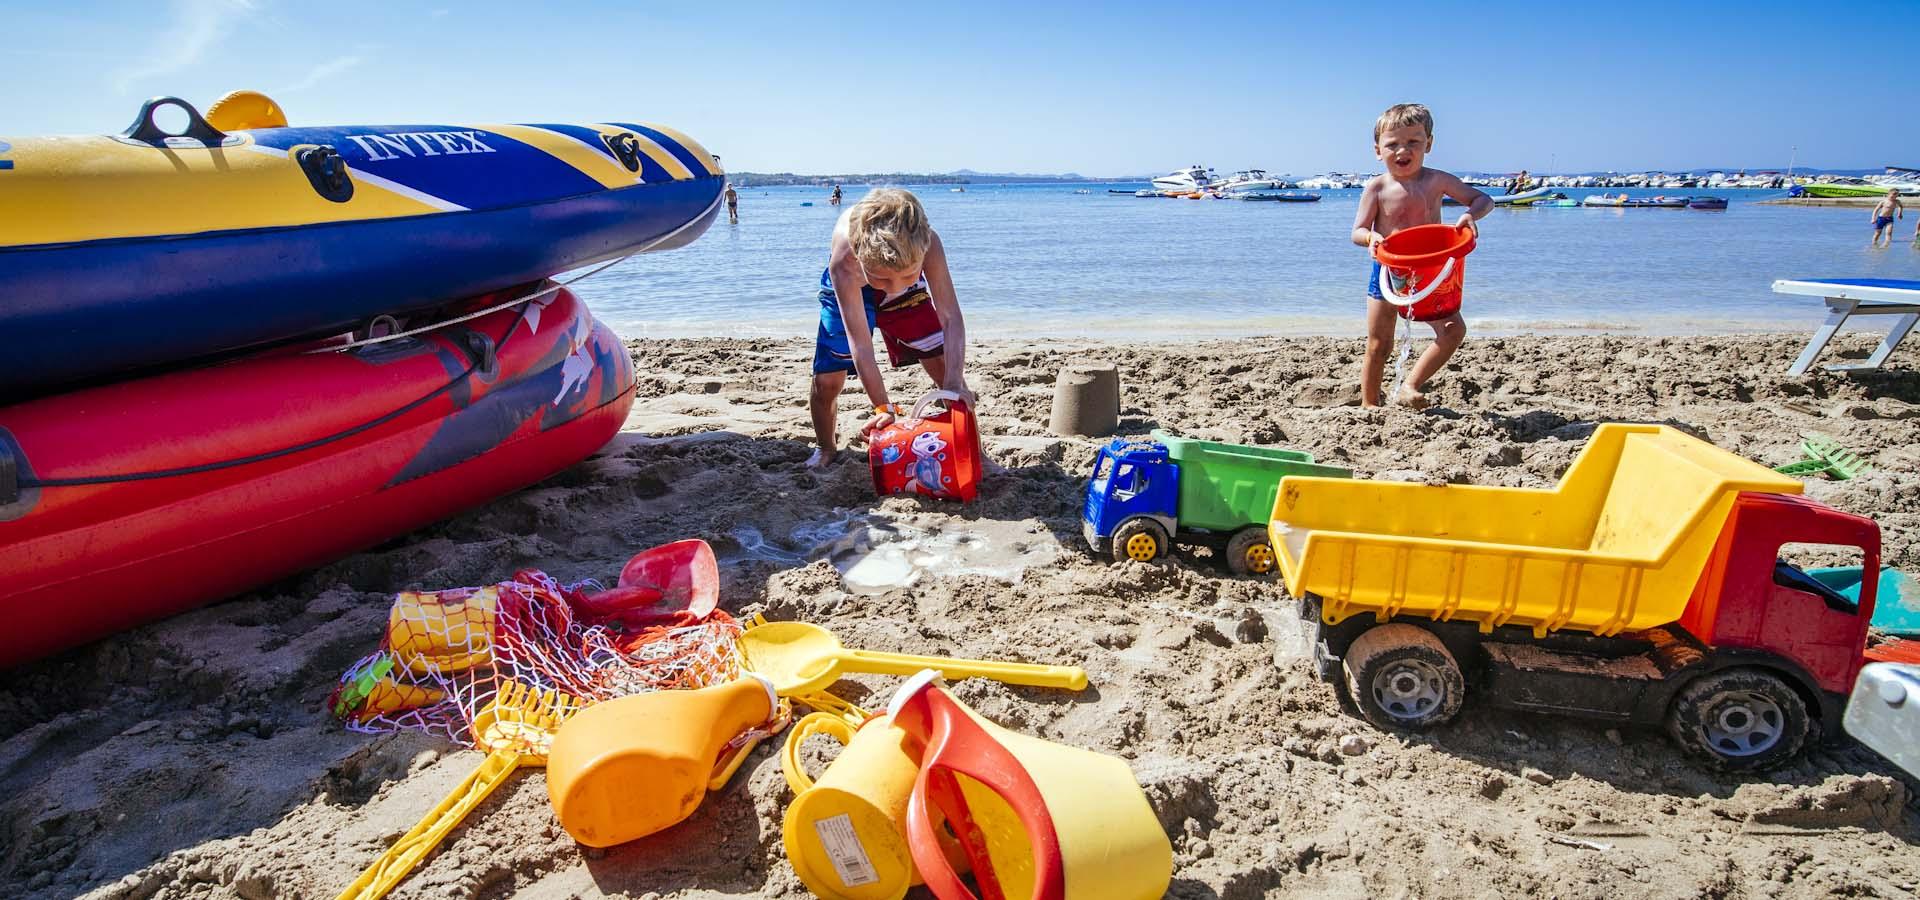 Liegestuhl mit sonnenschirm strand  Strand - Zaton Holiday Resort, Zadar, Dalmatien, Kroatien